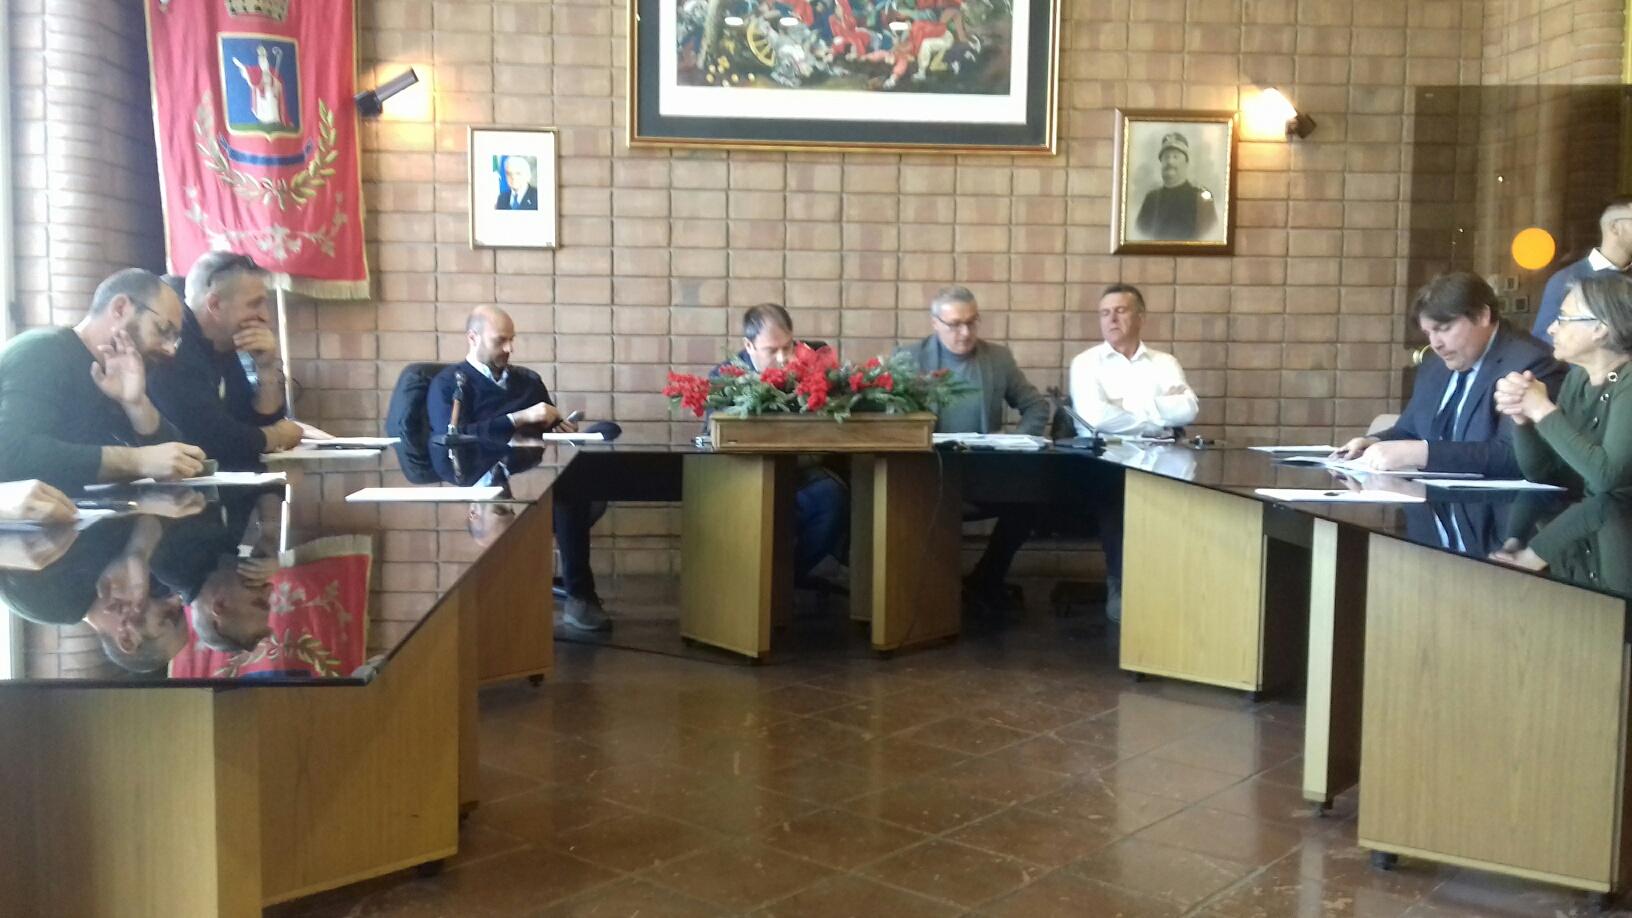 Assemblea incandescente a Pescina. Il consigliere regionale di Fratelli d'Italia, Mario Quaglieri, contestato, abbandona il tavolo di confronto